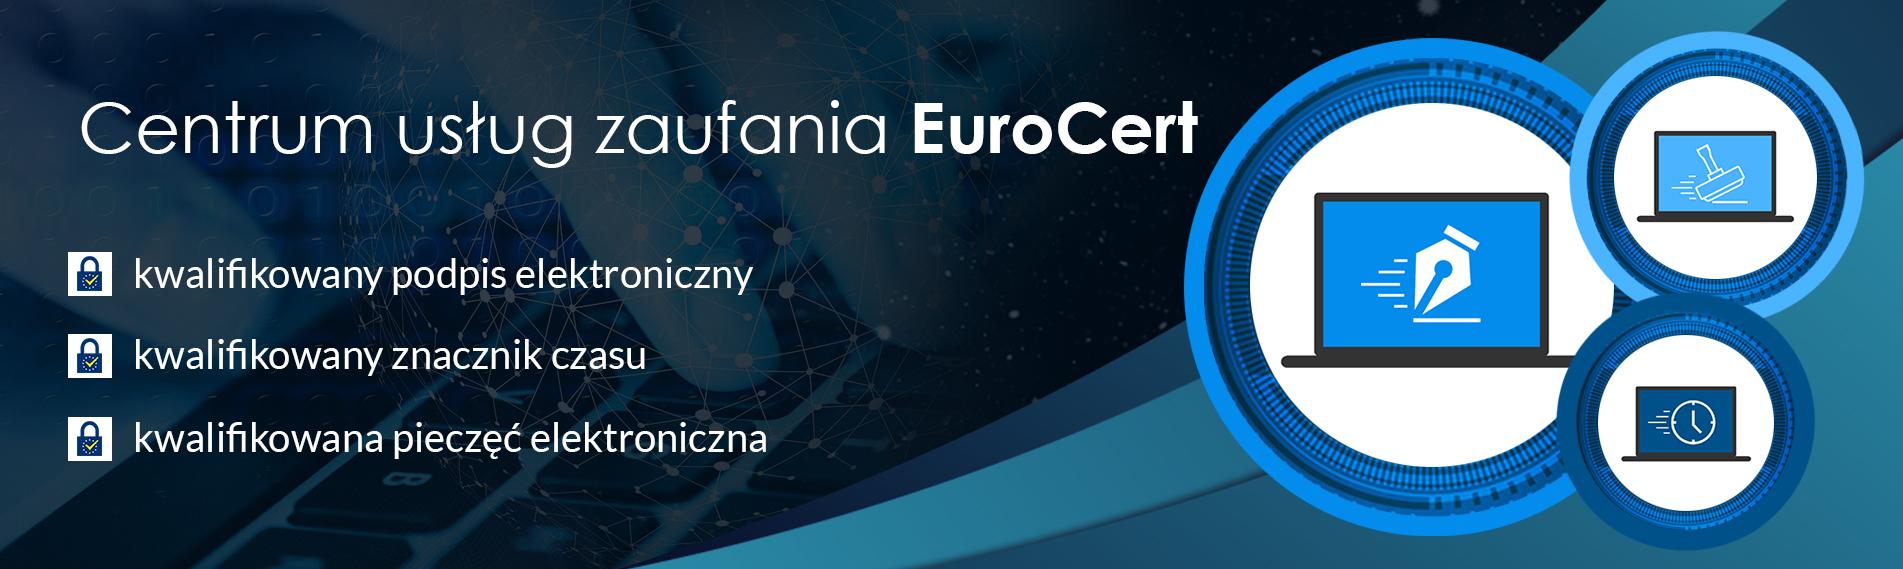 eurocert_baner-head-A